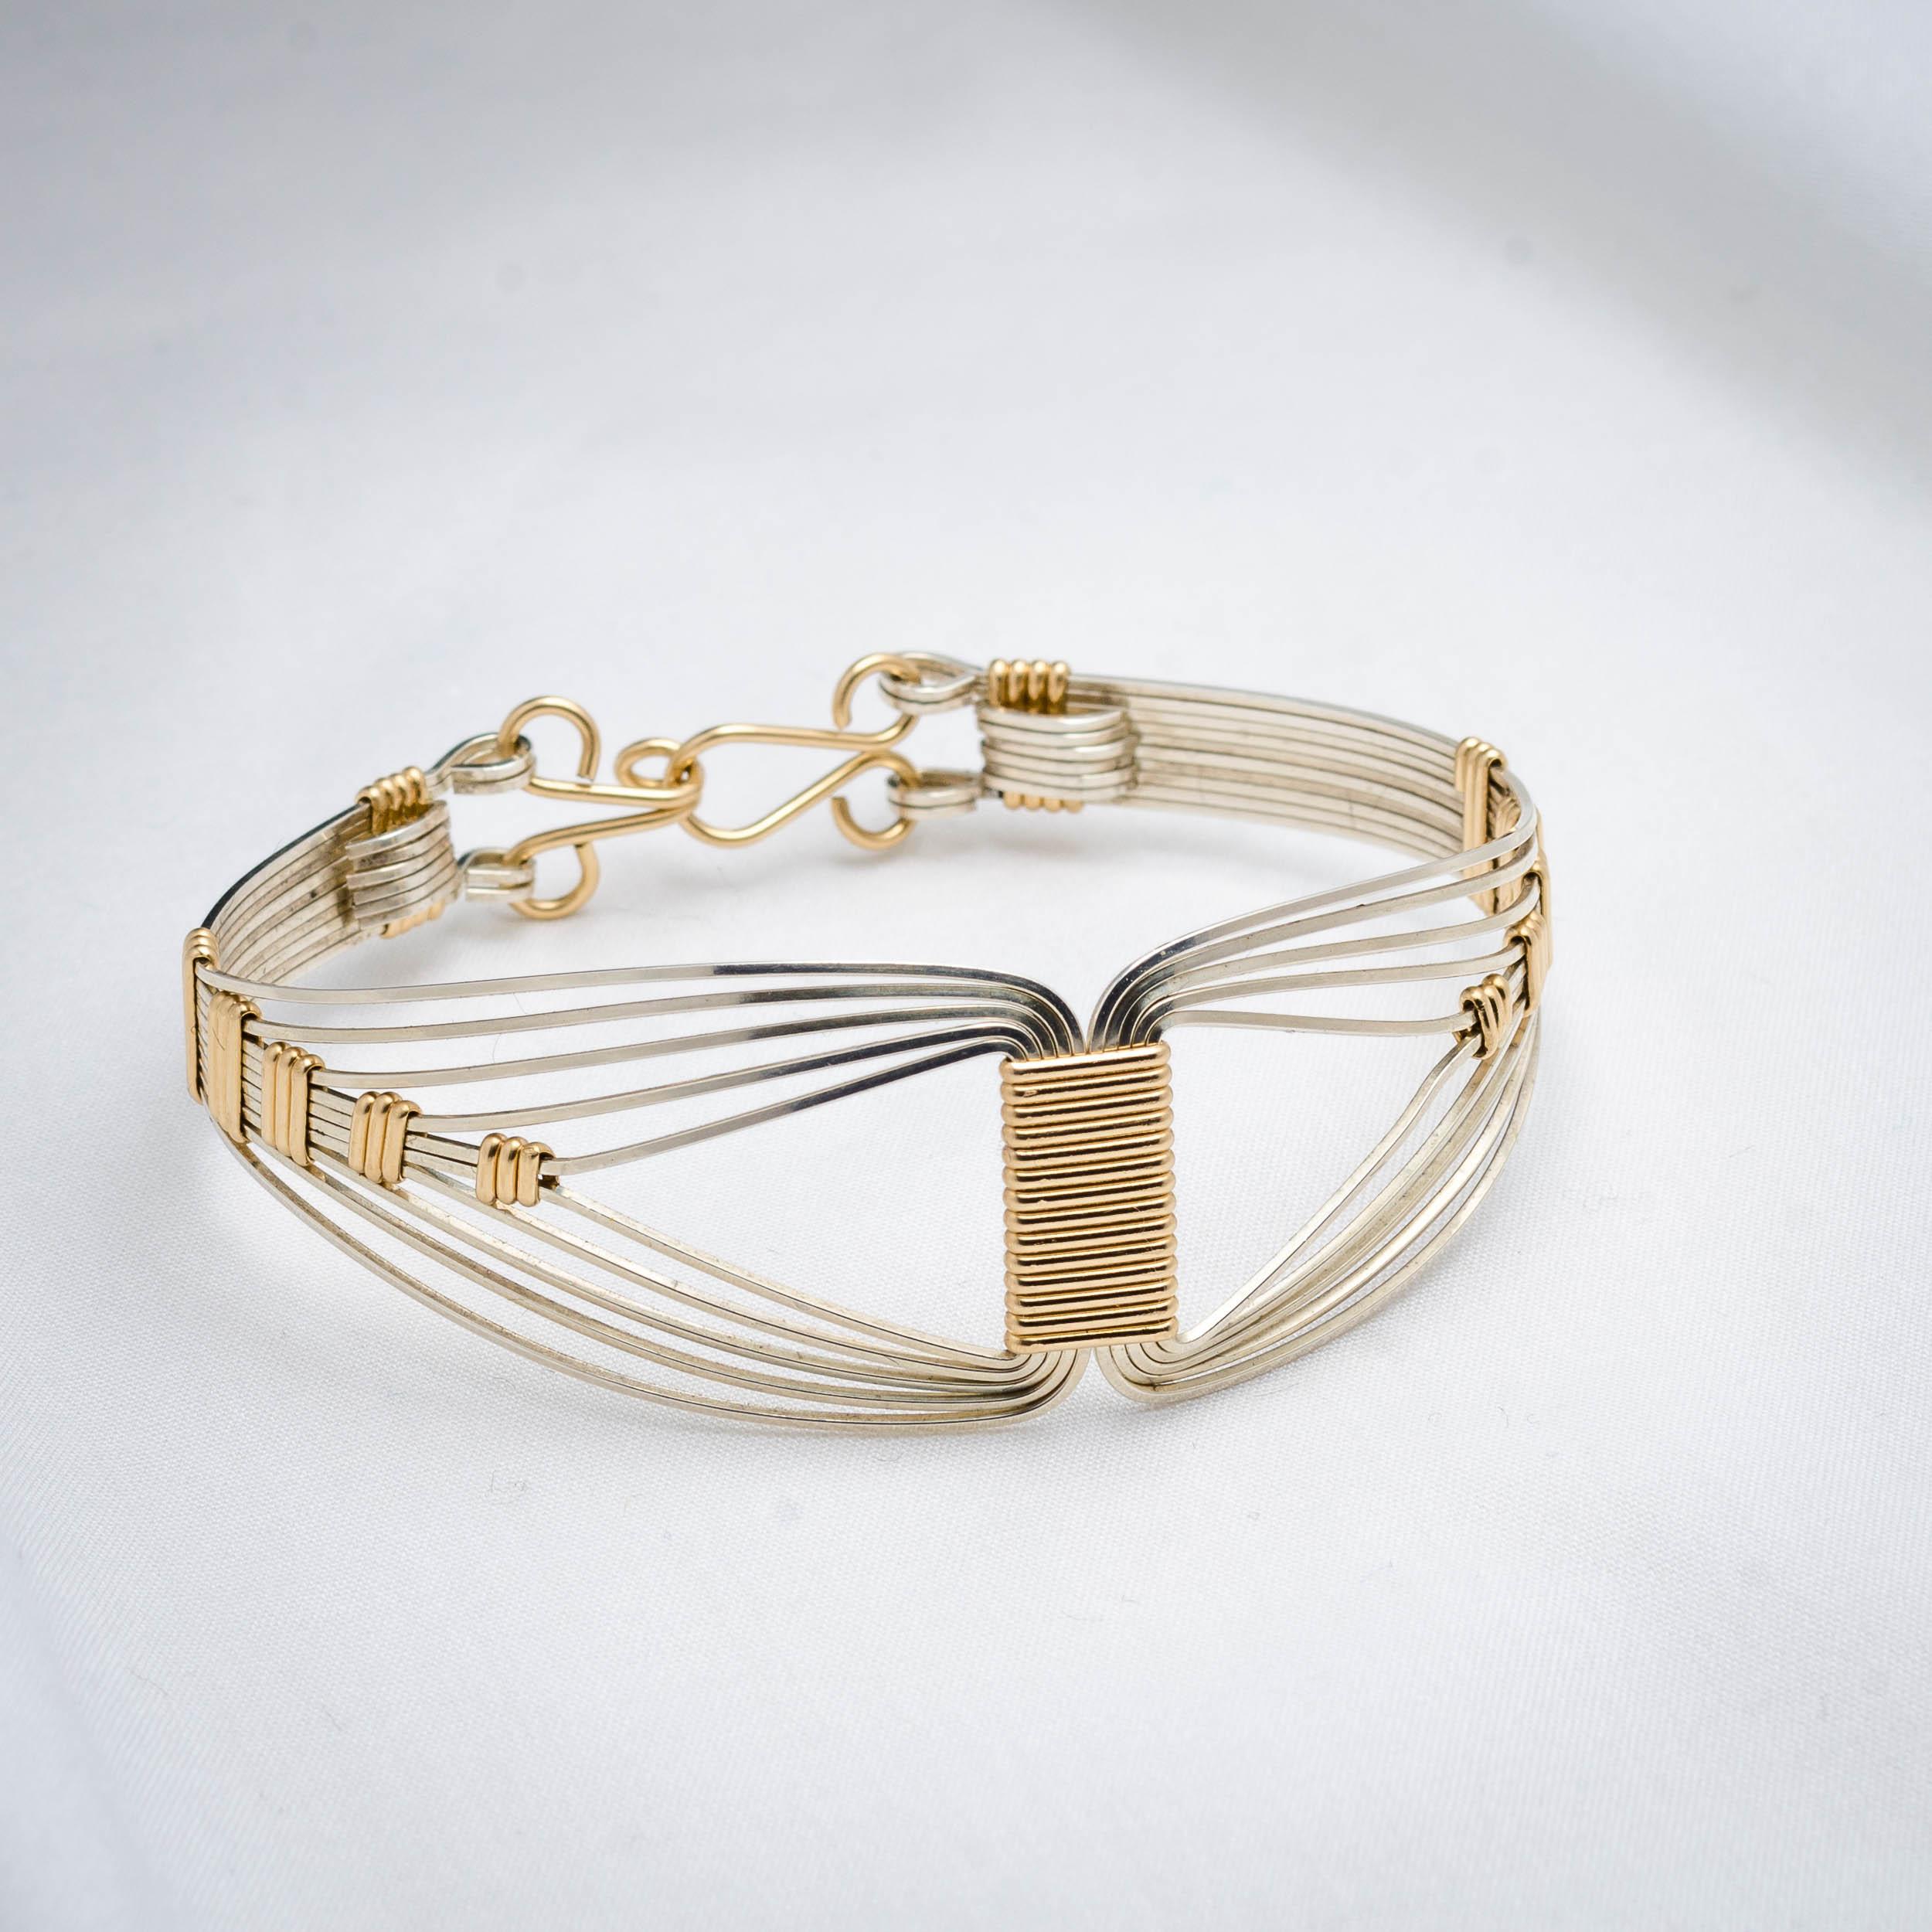 Bracelet_106.JPG